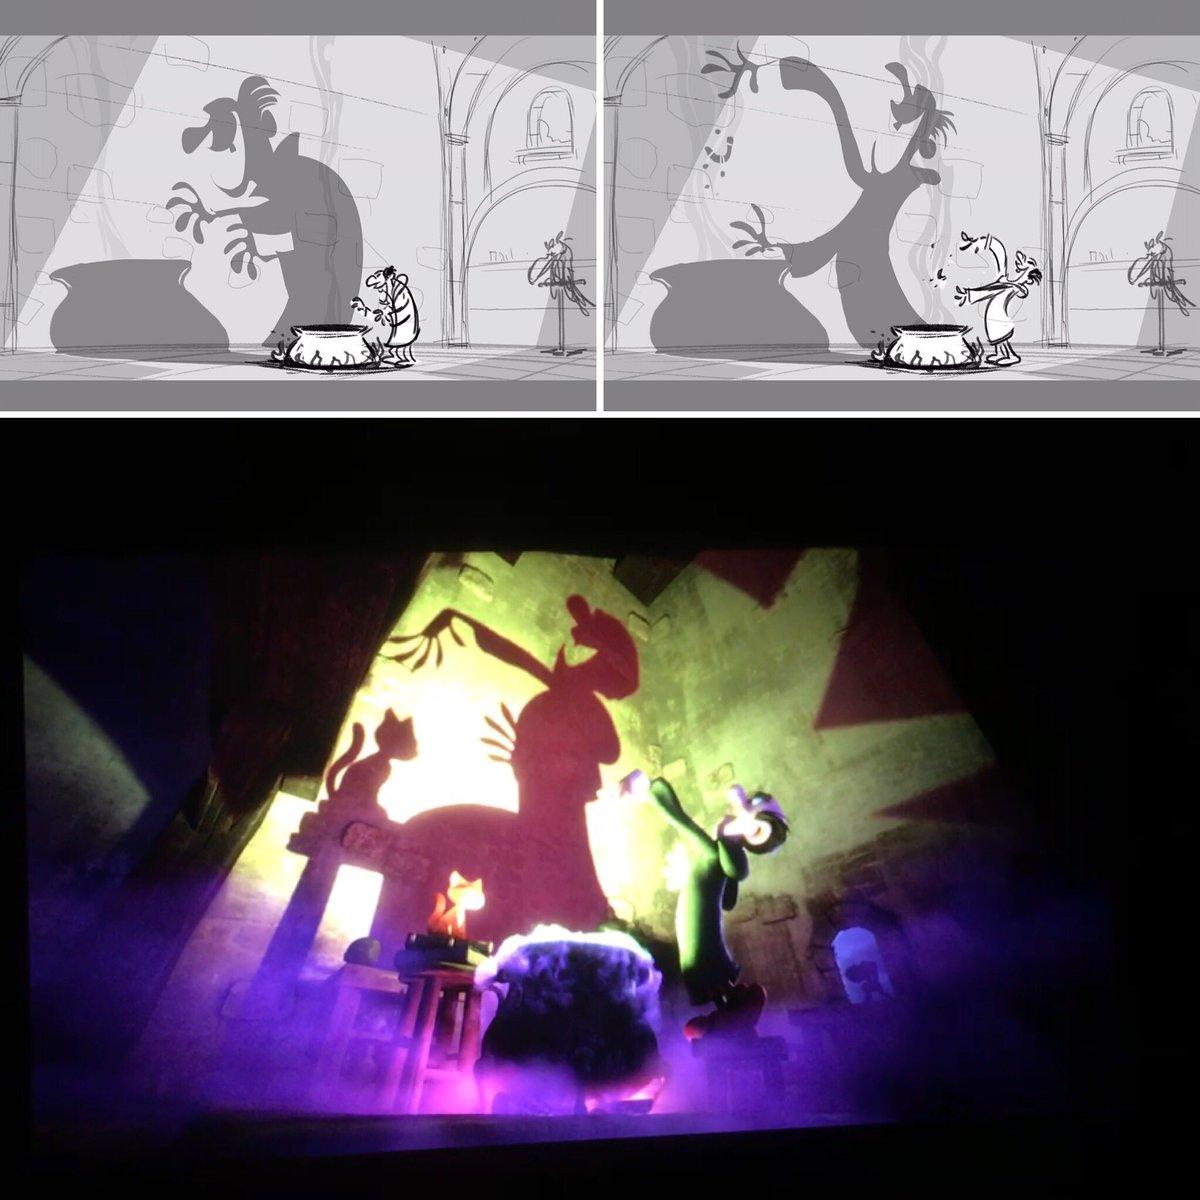 Gargamel-PotionMaking.jpg